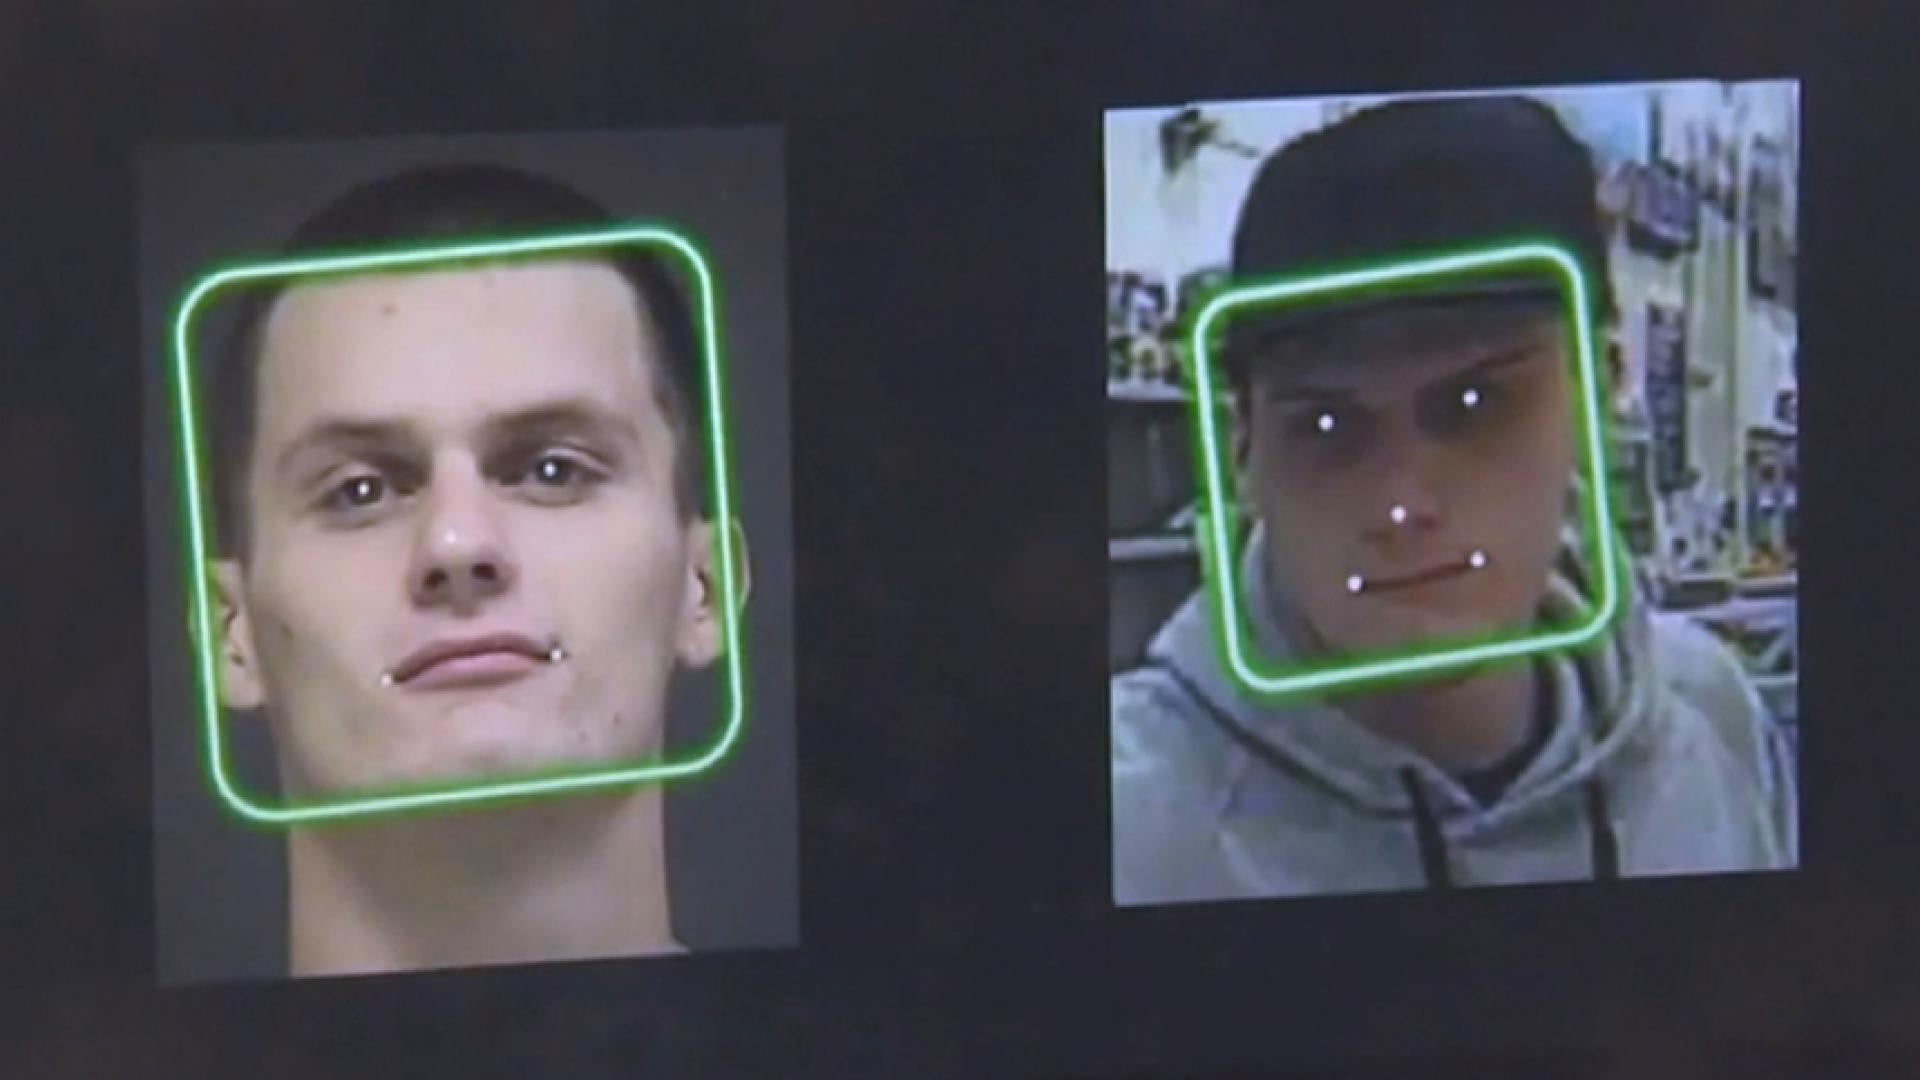 NC_facialrecognition0607_1920x1080_1559938721017.jpg